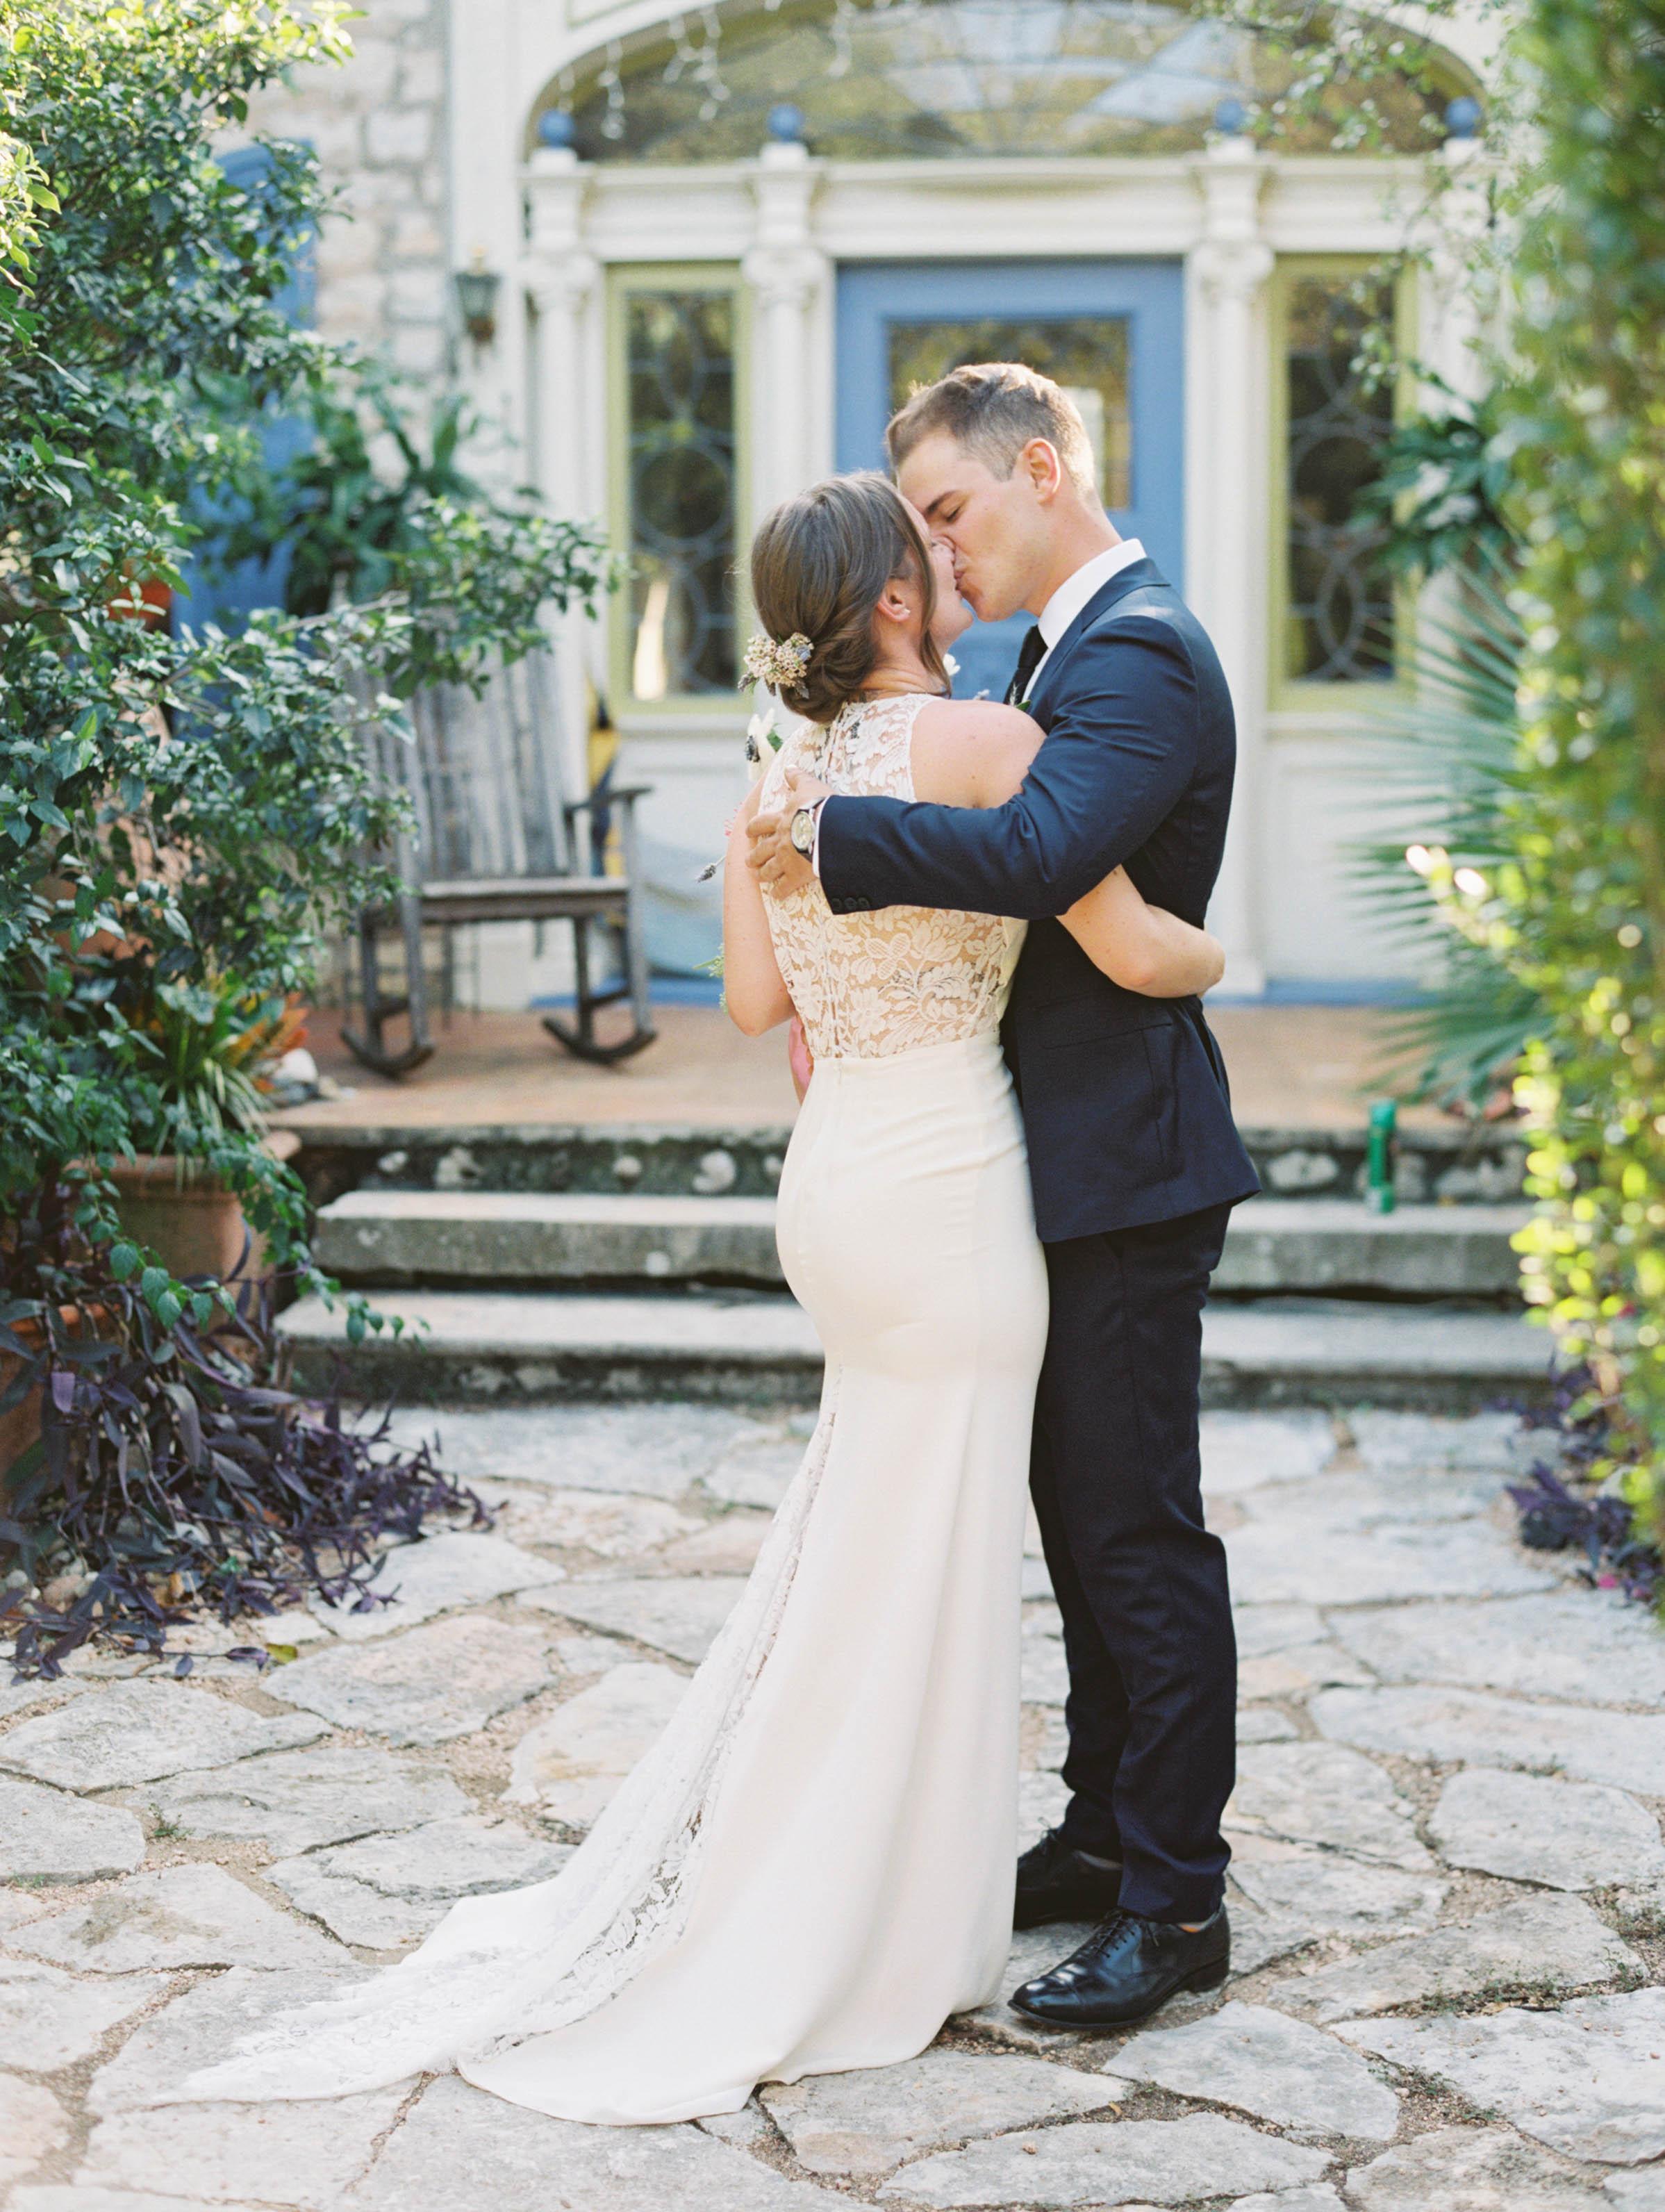 Alex-Kyrany-Wedding-Jennifers-Gardens-173.jpg